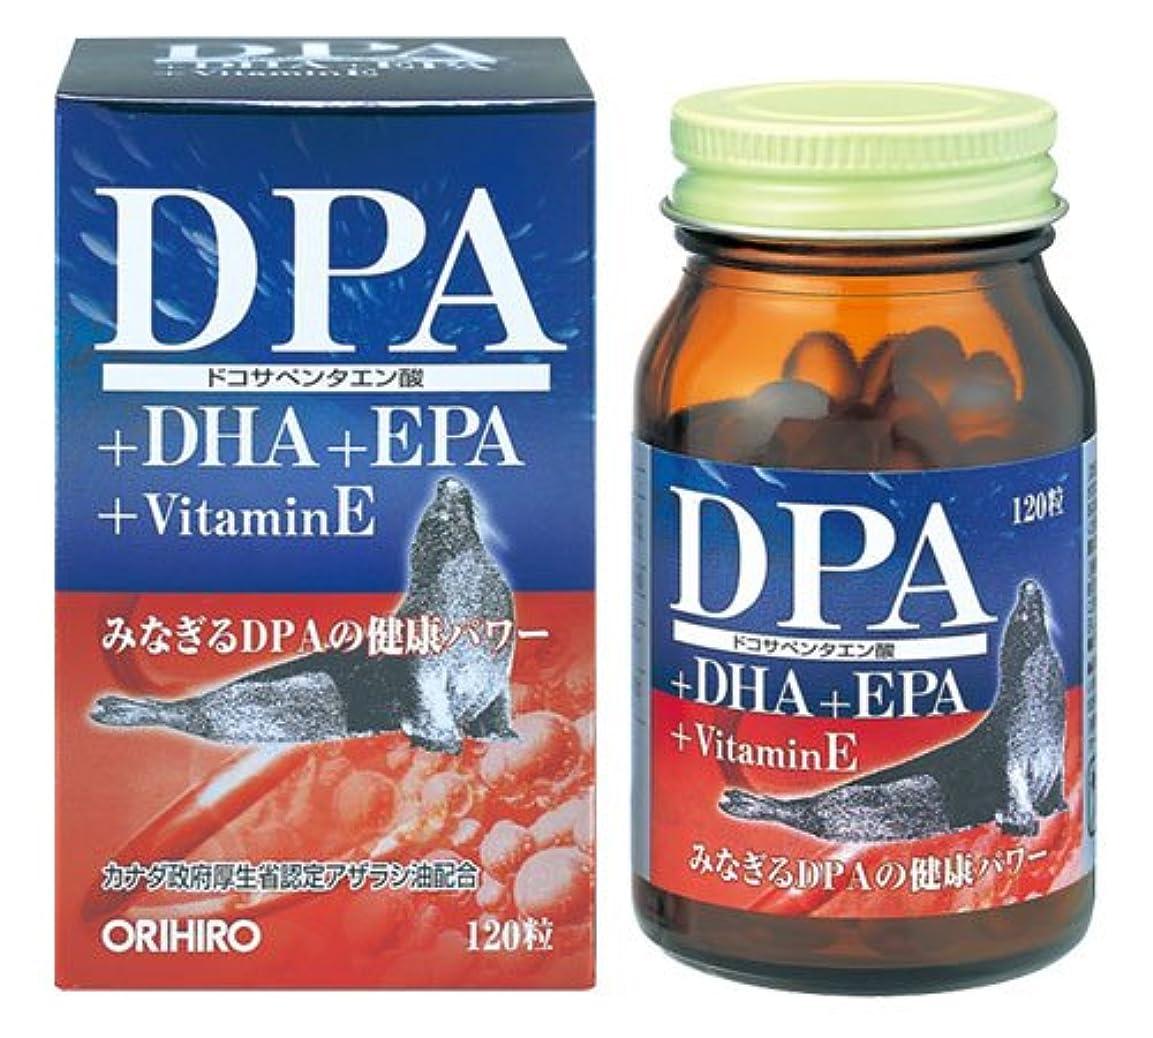 無し不忠空のDPA+DHA+EPAカプセル 120粒(約1ヶ月分)